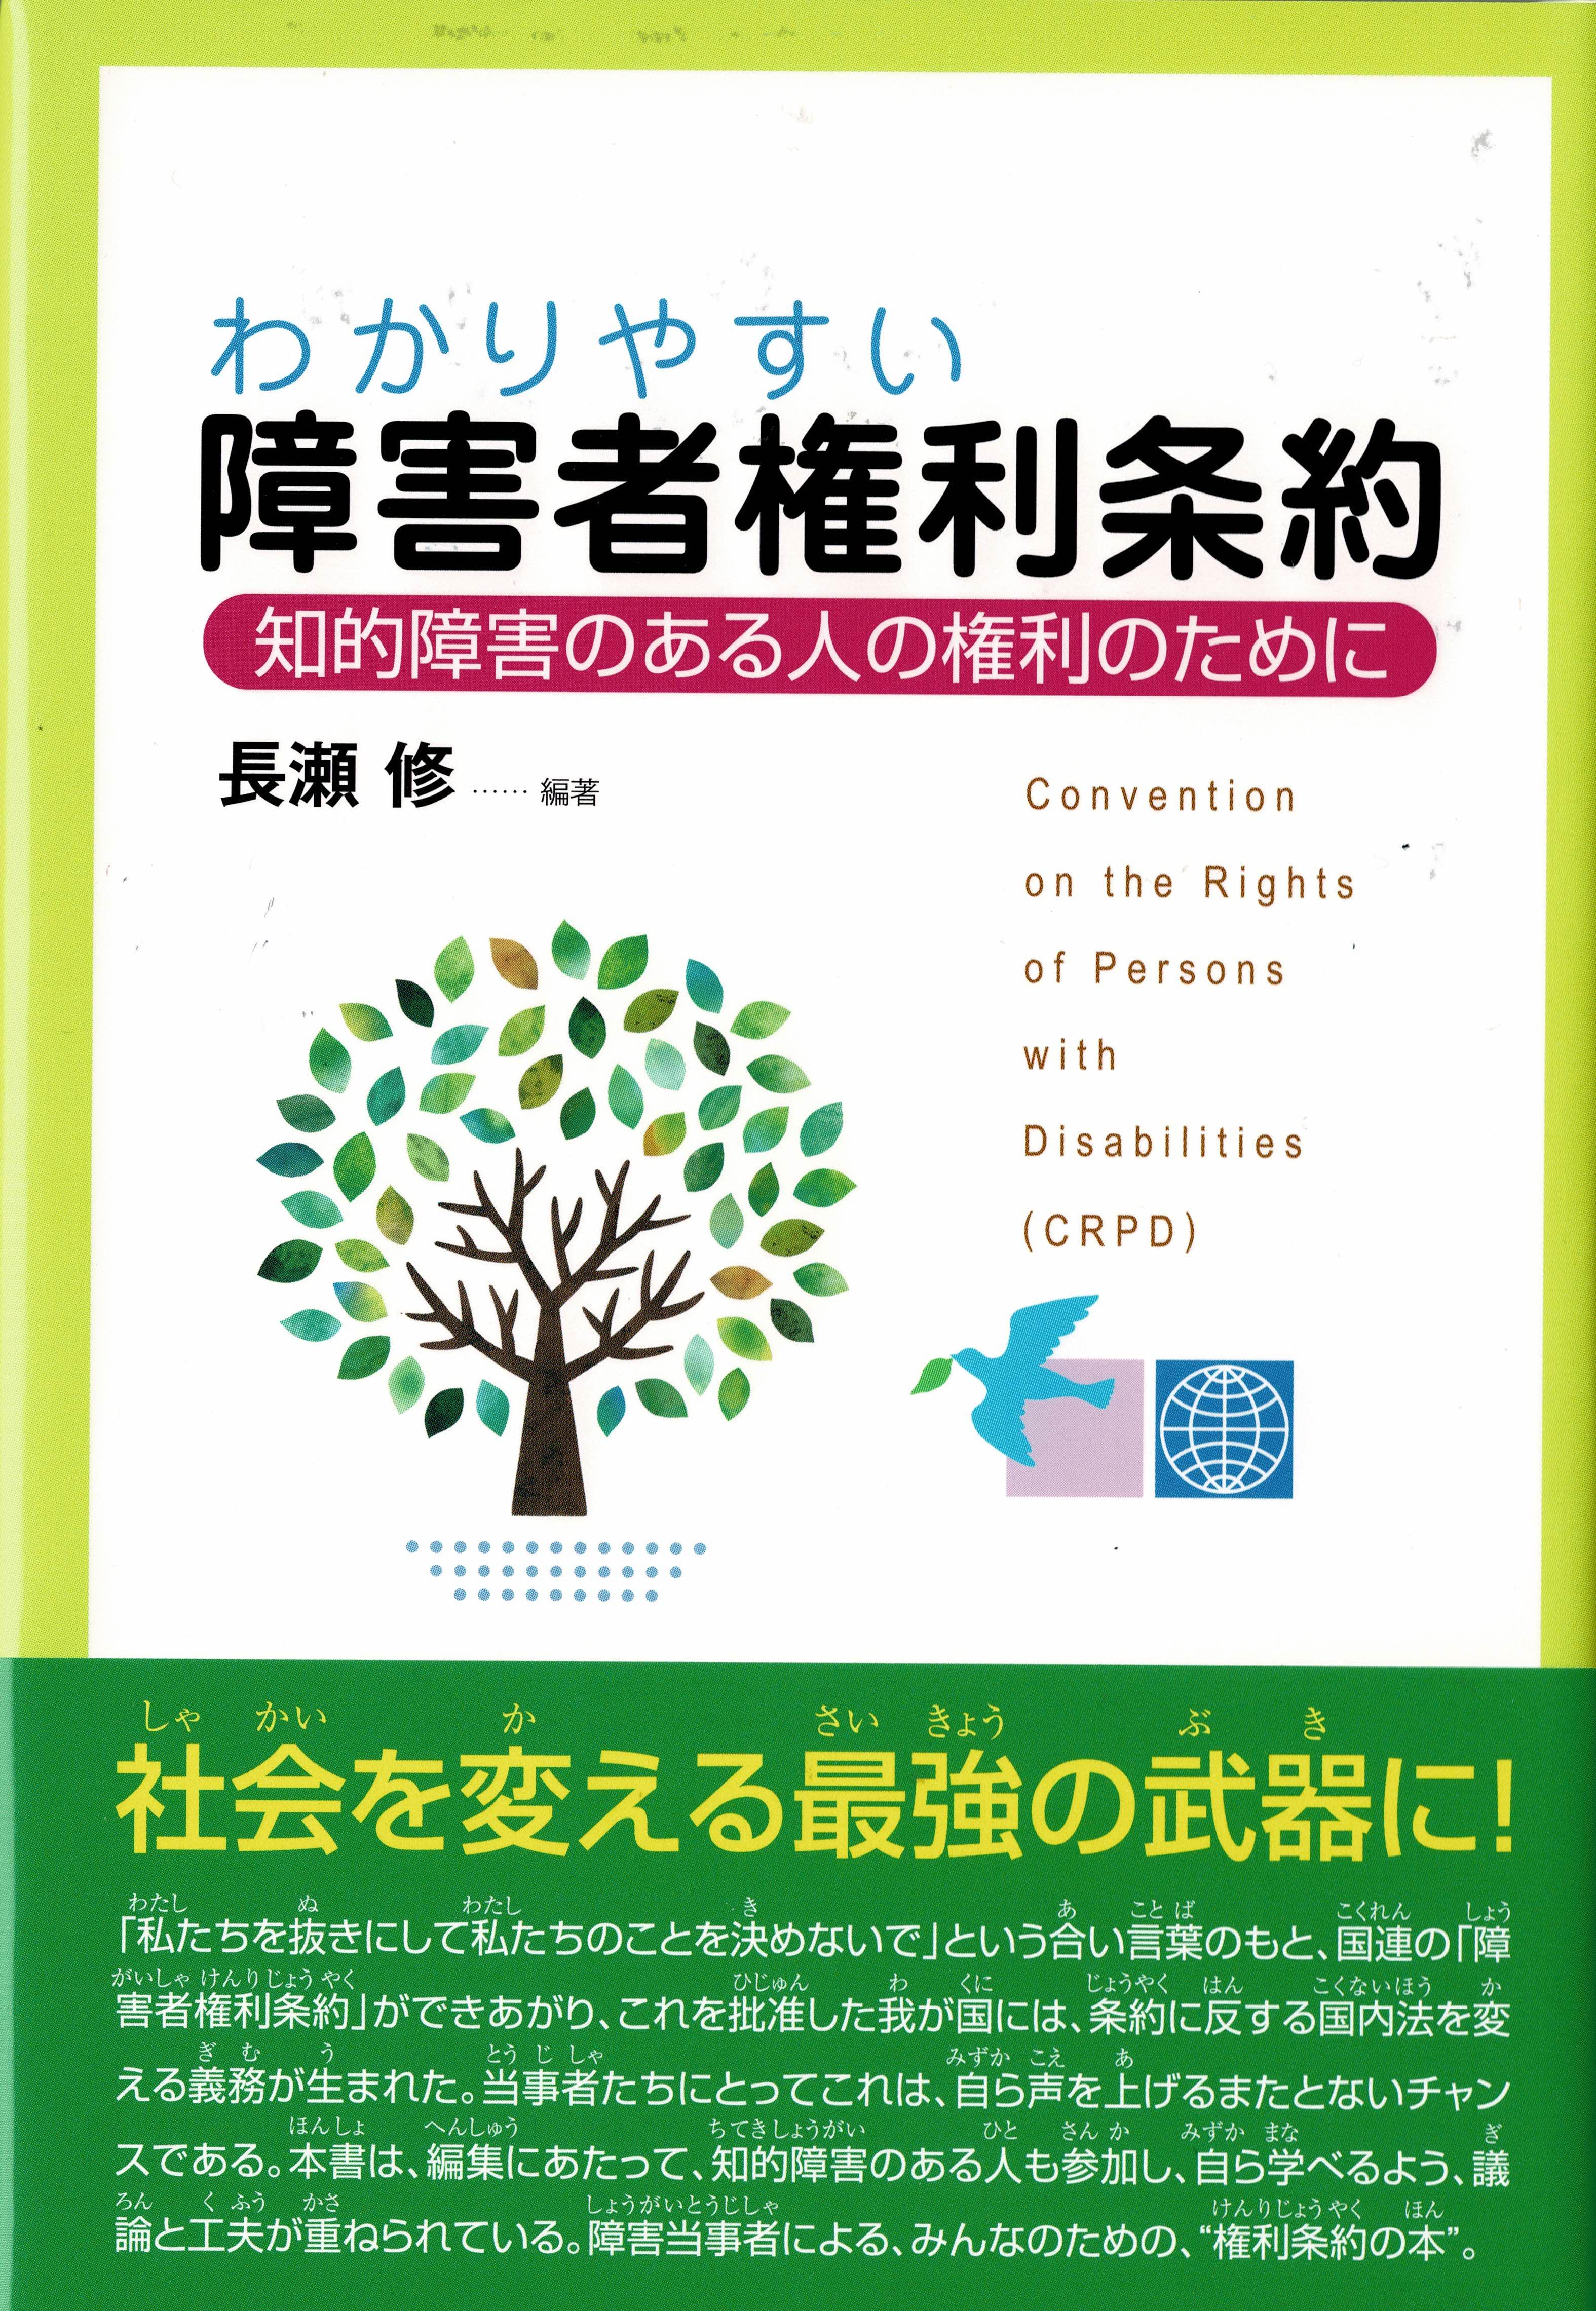 わかりやすい 障 害 者 権 利 条 約